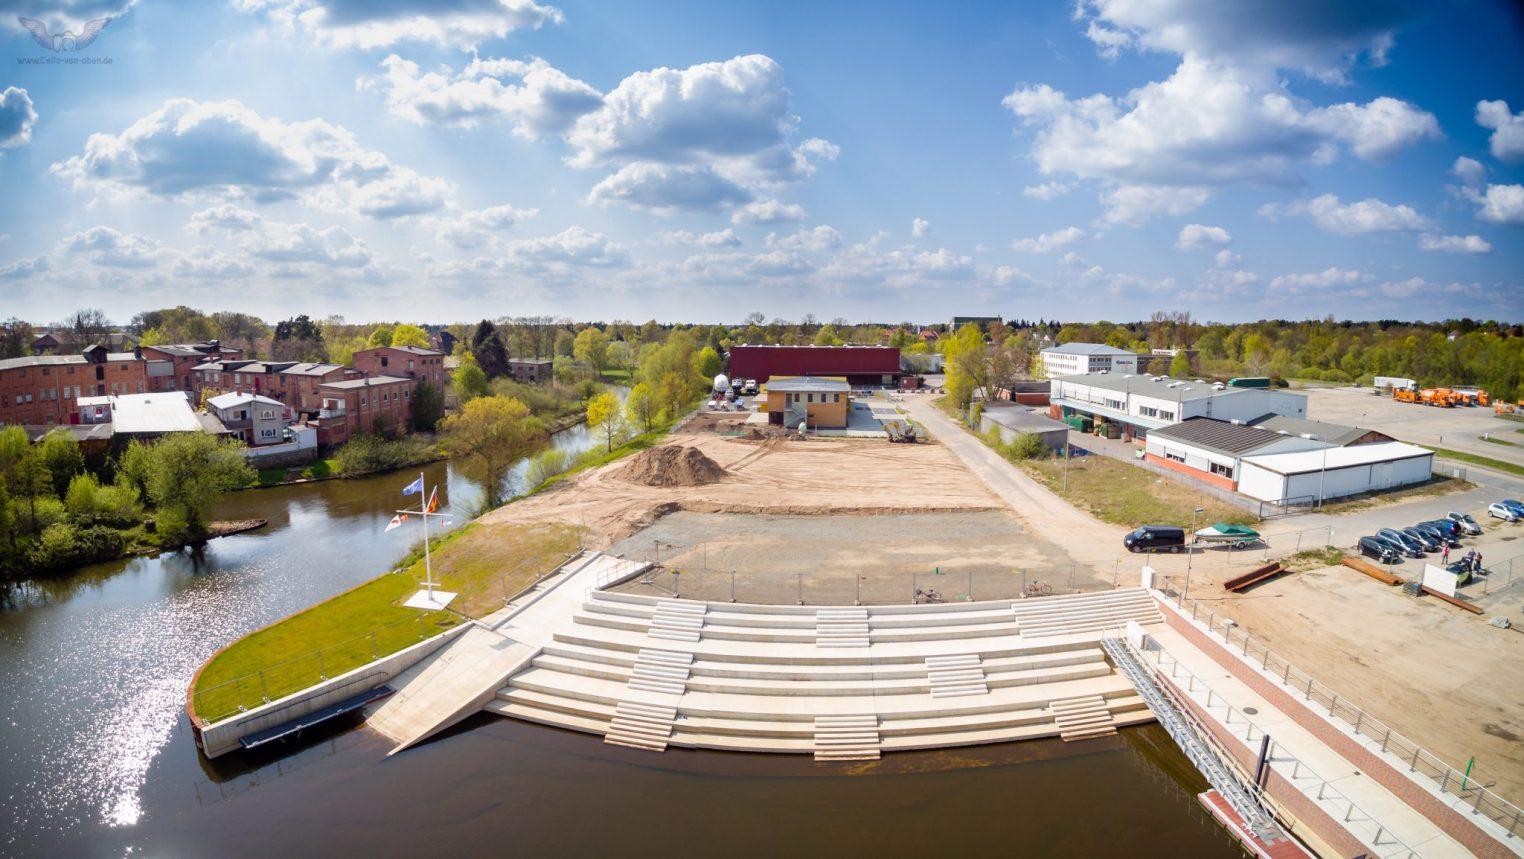 Hafen in Celle – Celle von oben luftbilder